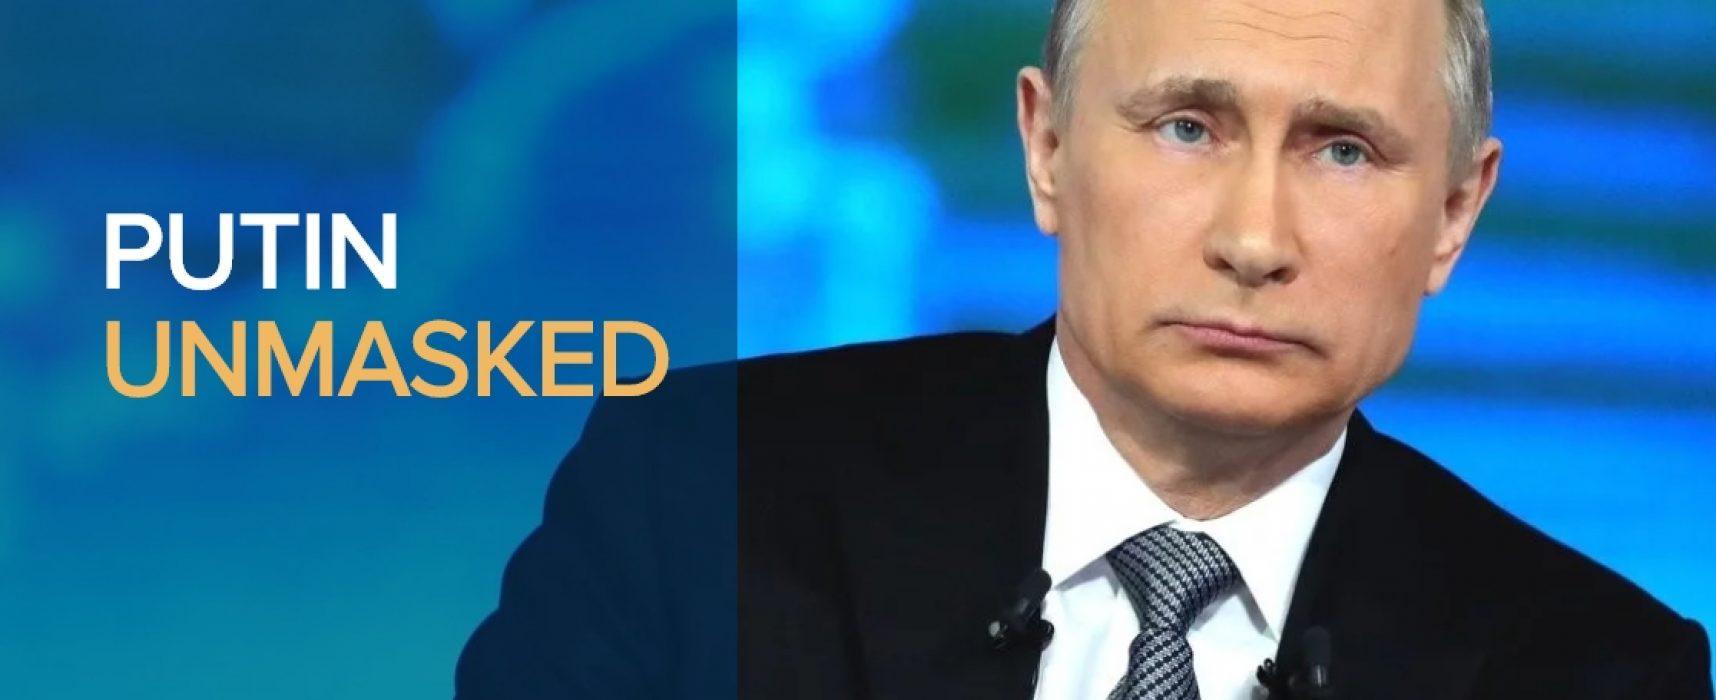 Brian Whitmore: Putin unmasked